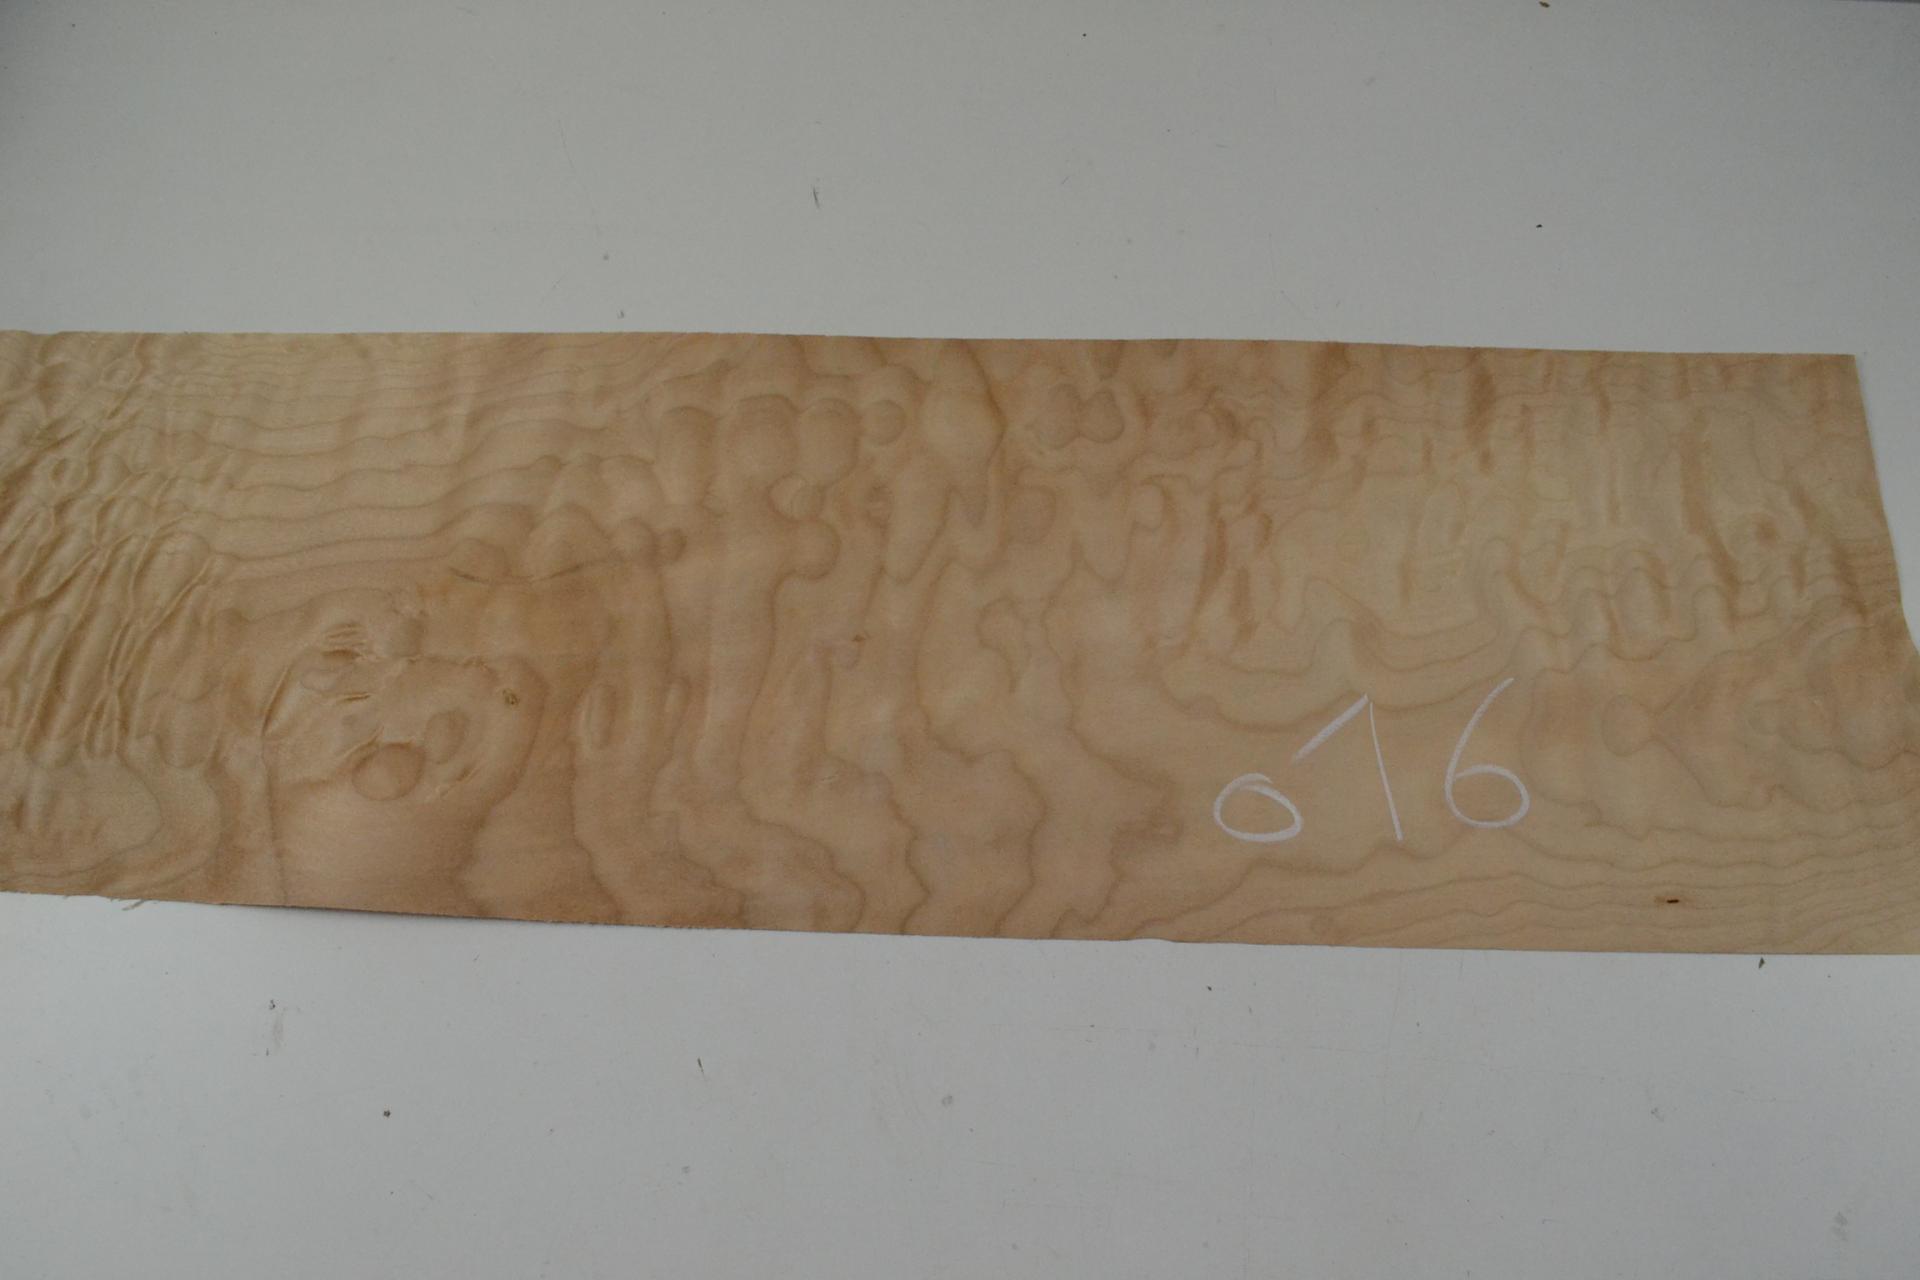 016 placage feuille de bois erable pommele 1